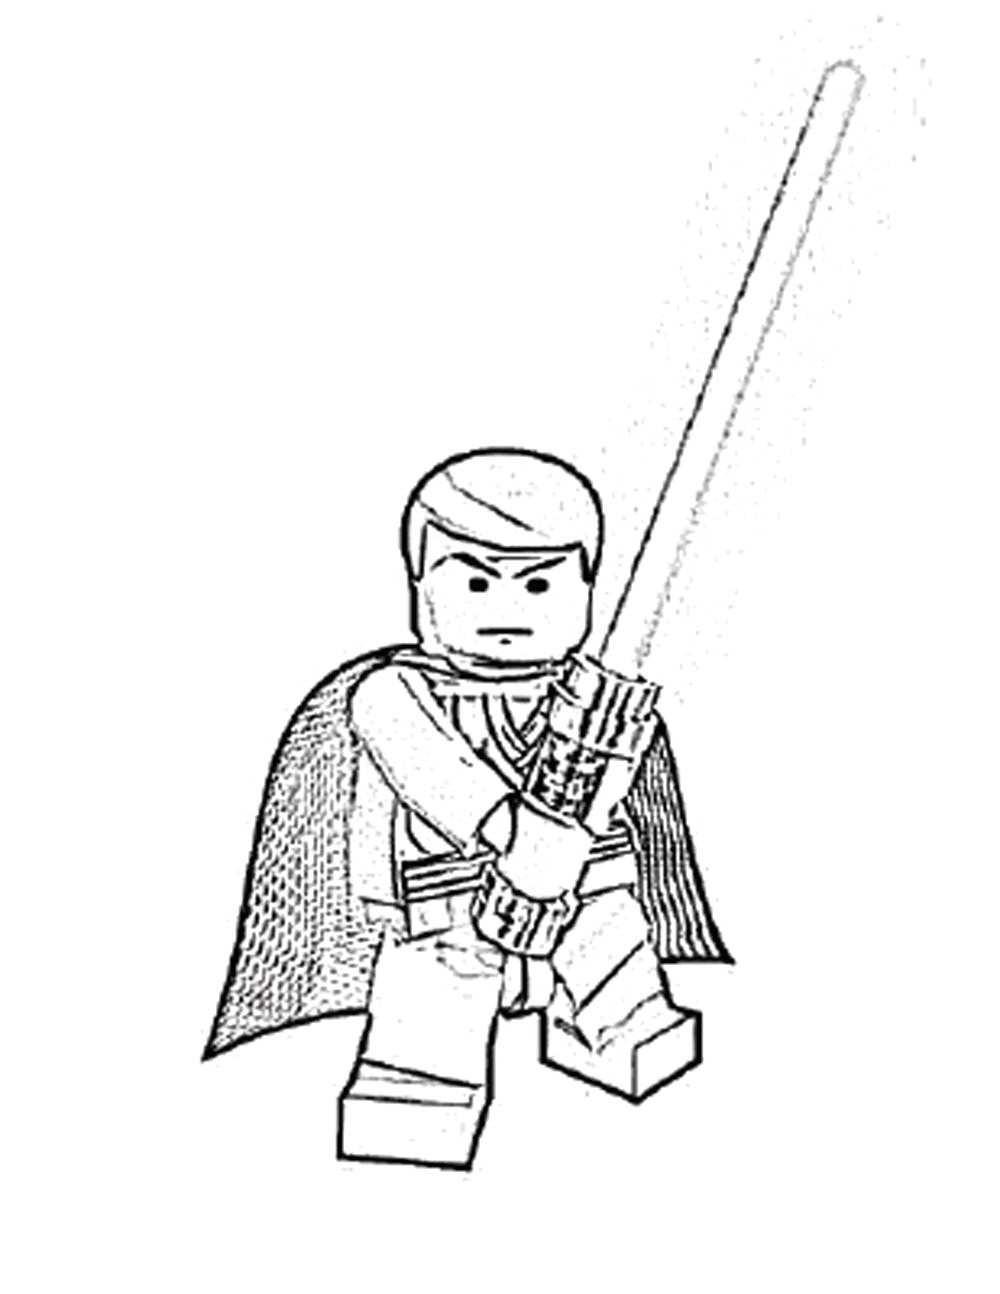 Star Wars Ausmalbilder General Grievous Genial 35 Kostenlose Malvorlagen Scoredatscore Neu Lego Star Wars Bild